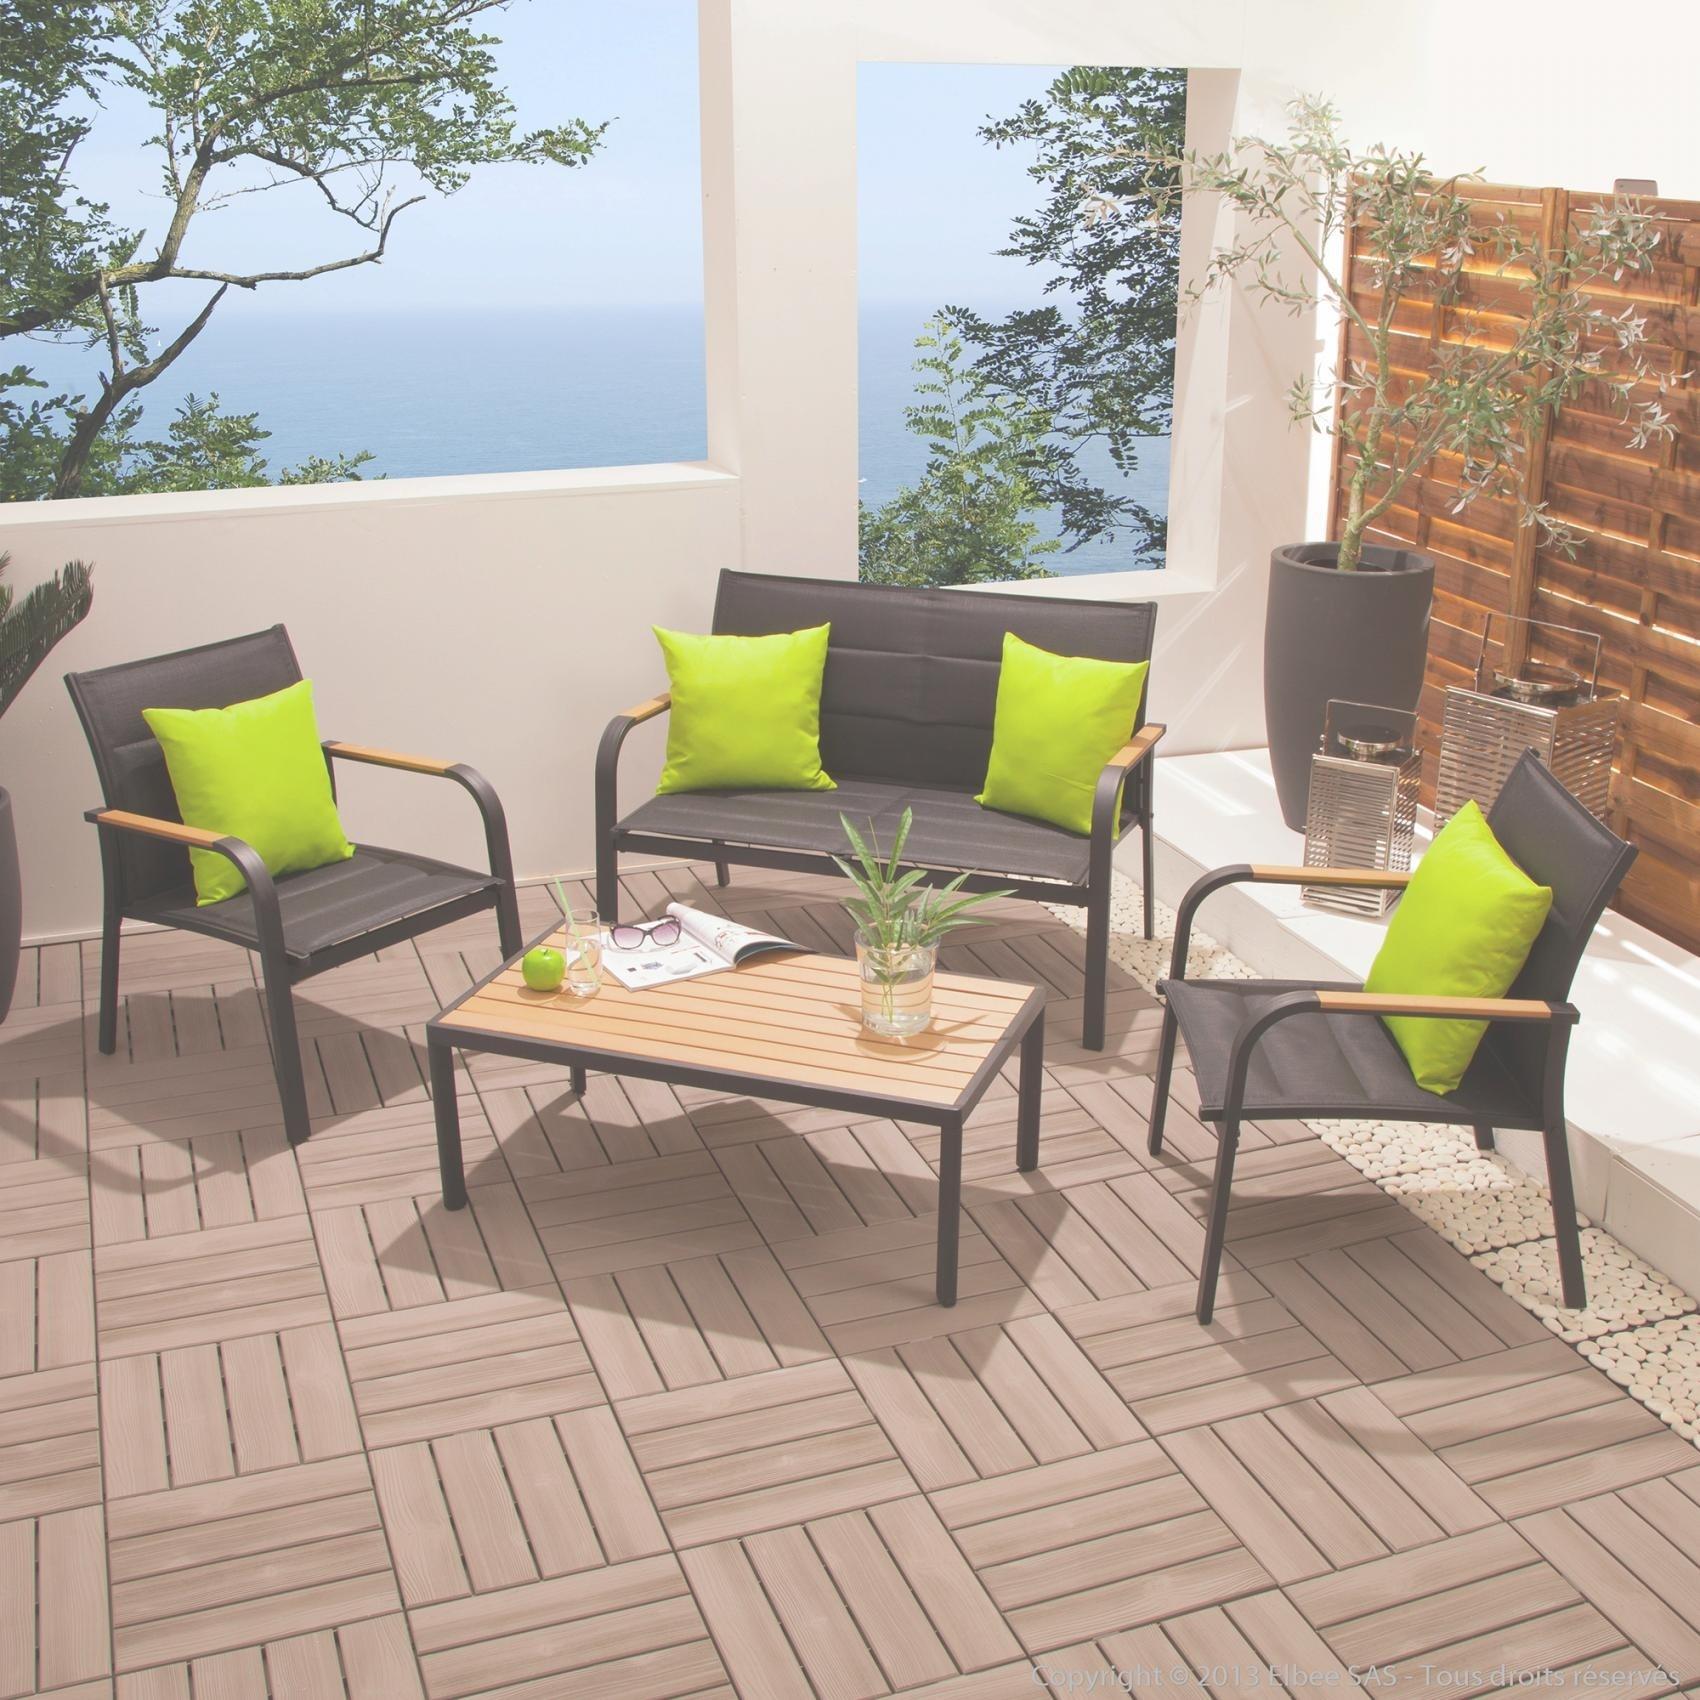 Salon de jardin textilene aluminium - Mailleraye.fr jardin